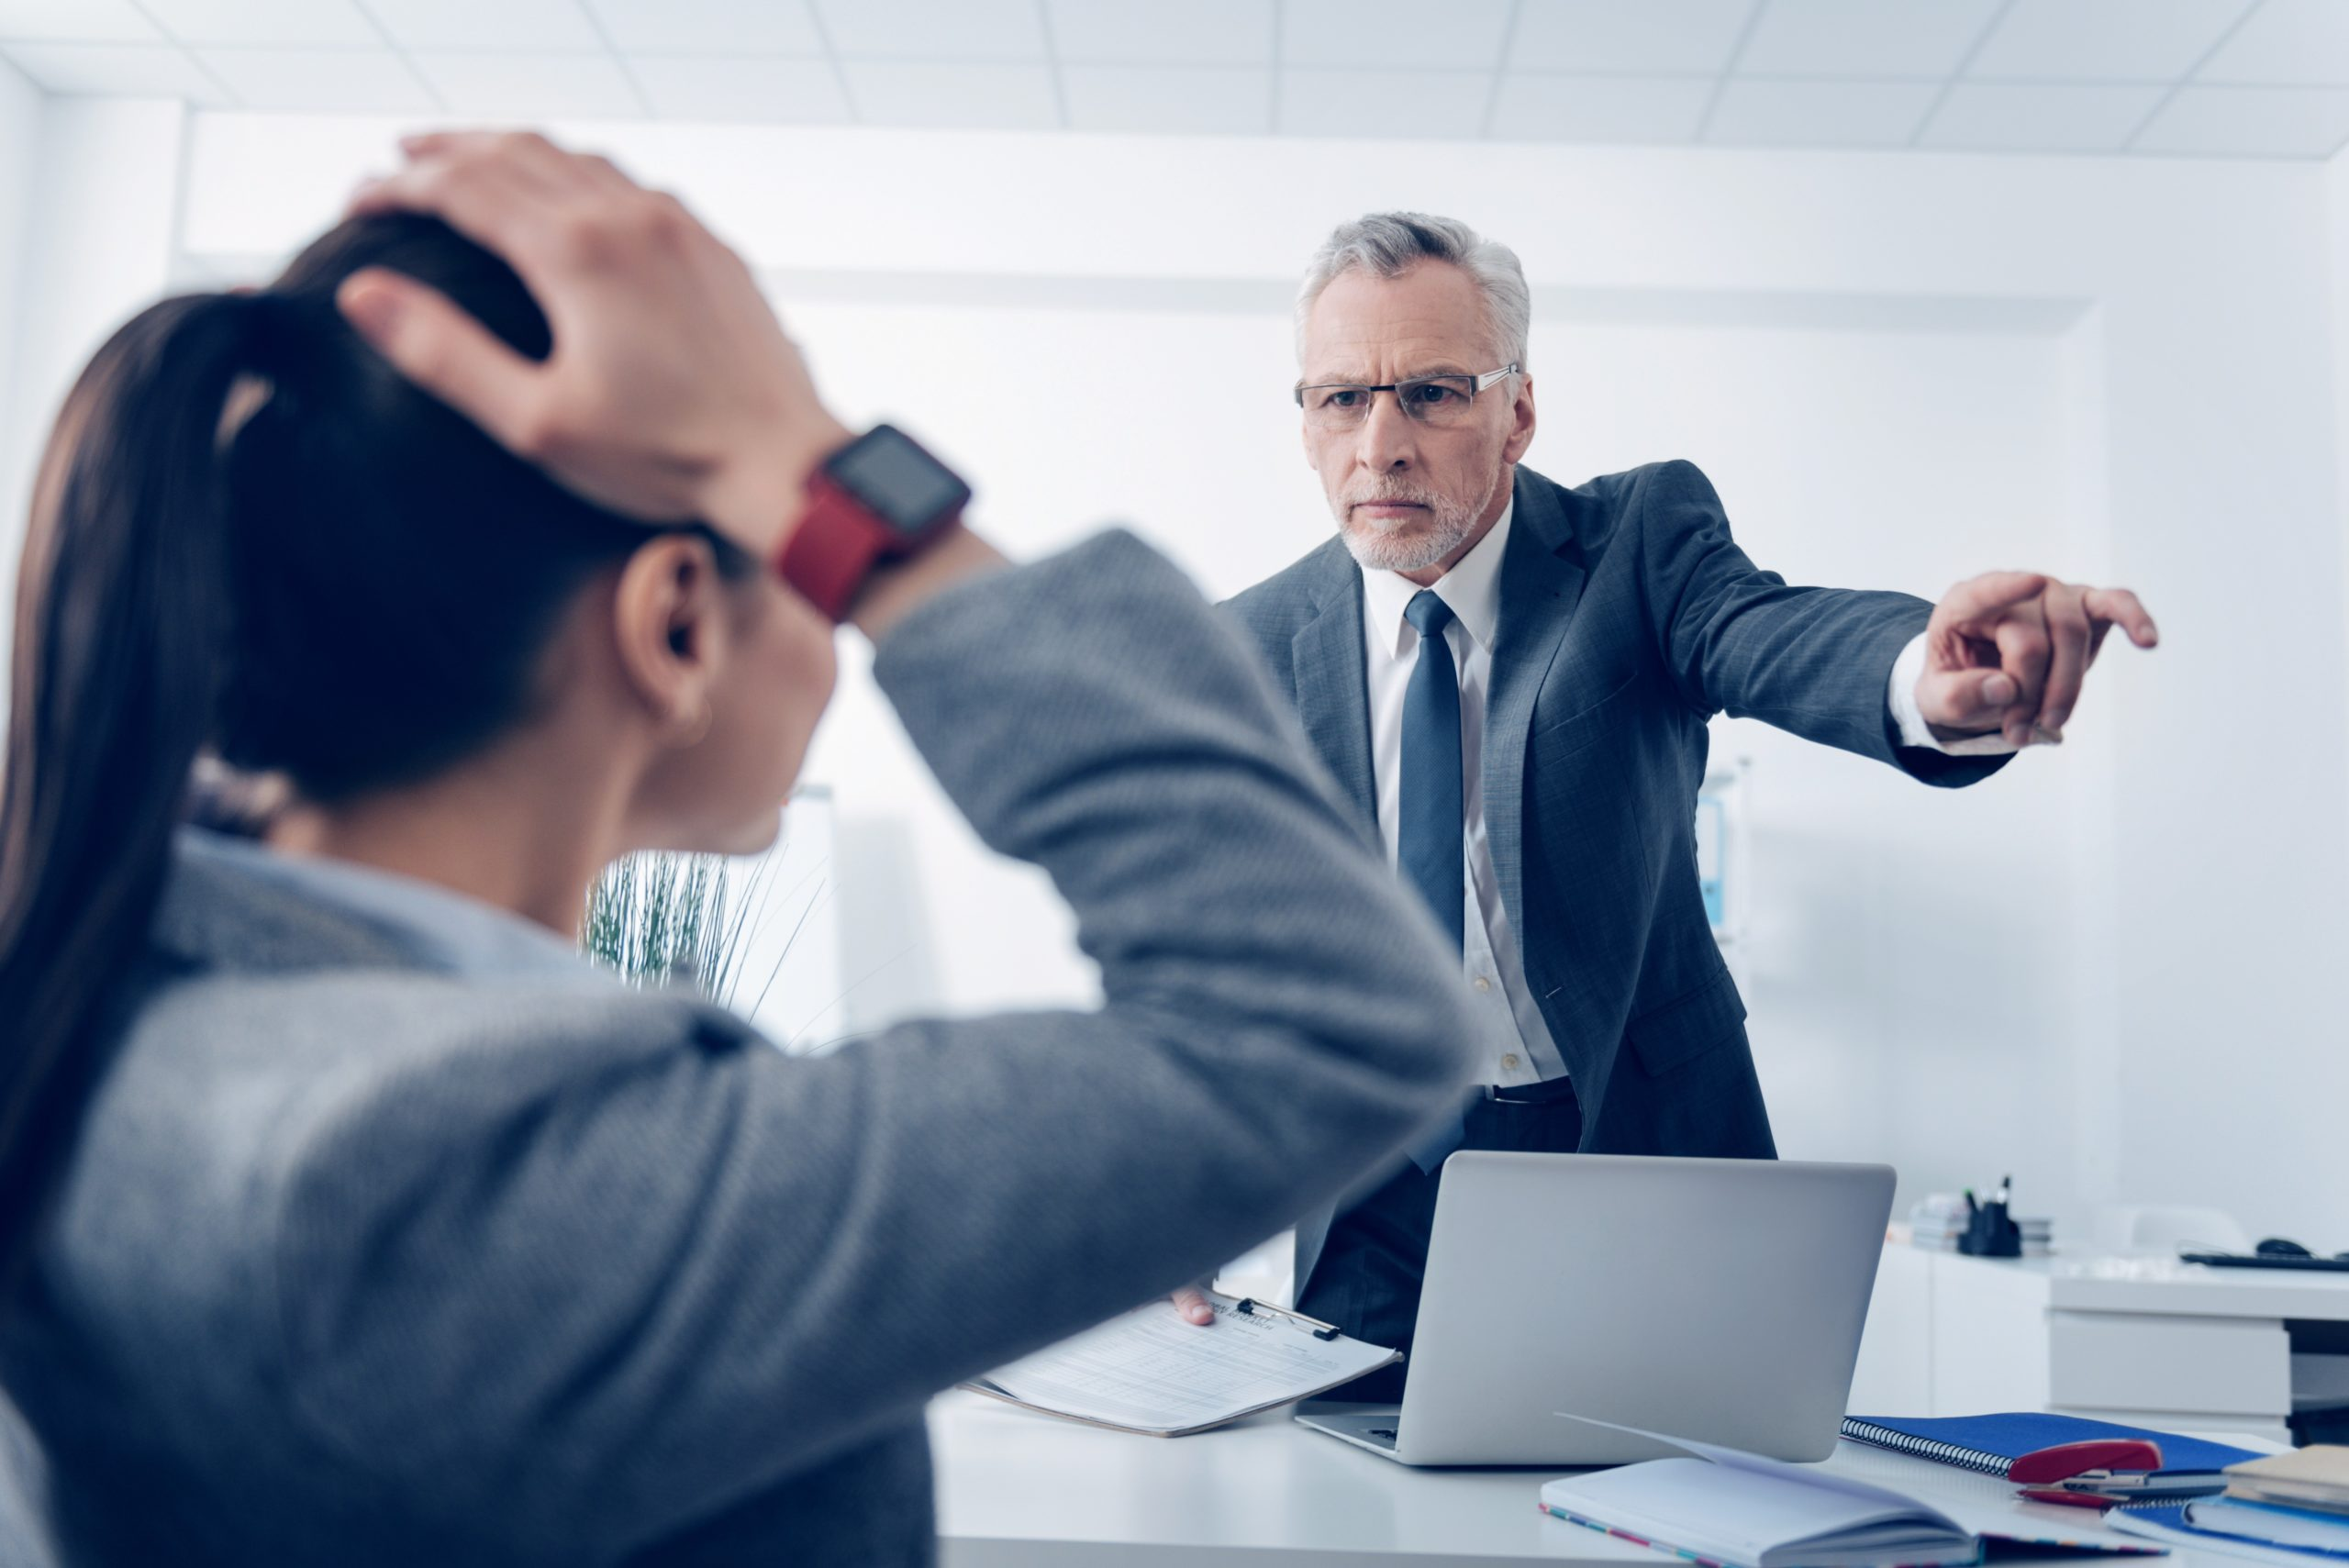 Jak współpracować z trudnym szefem? Szef to też człowiek